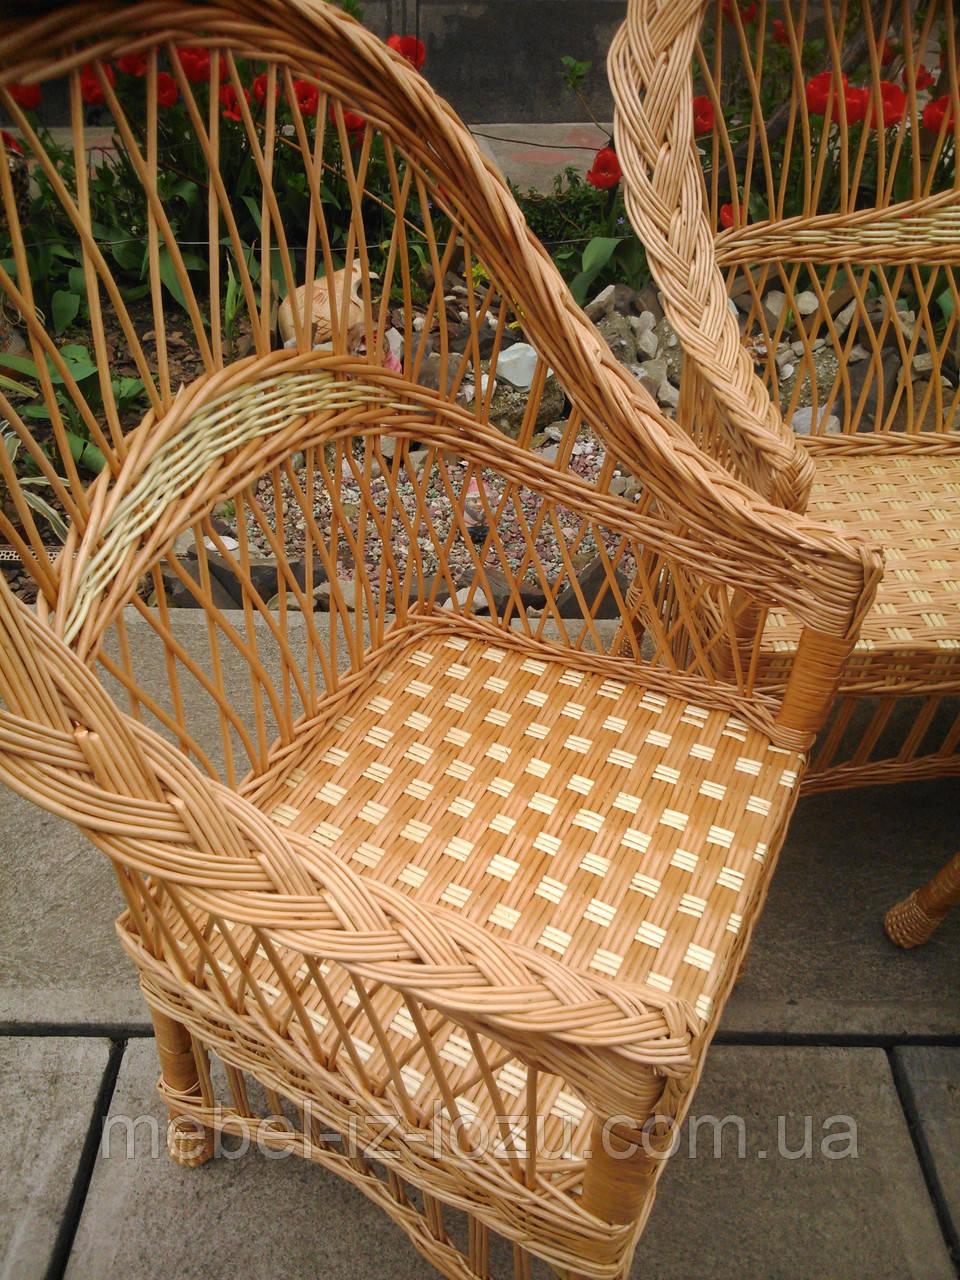 """Кресло """"Обычное"""" с белыми вставками - Мебель из лозы --- Интернет-магазин изделий из лозы в Закарпатской области"""